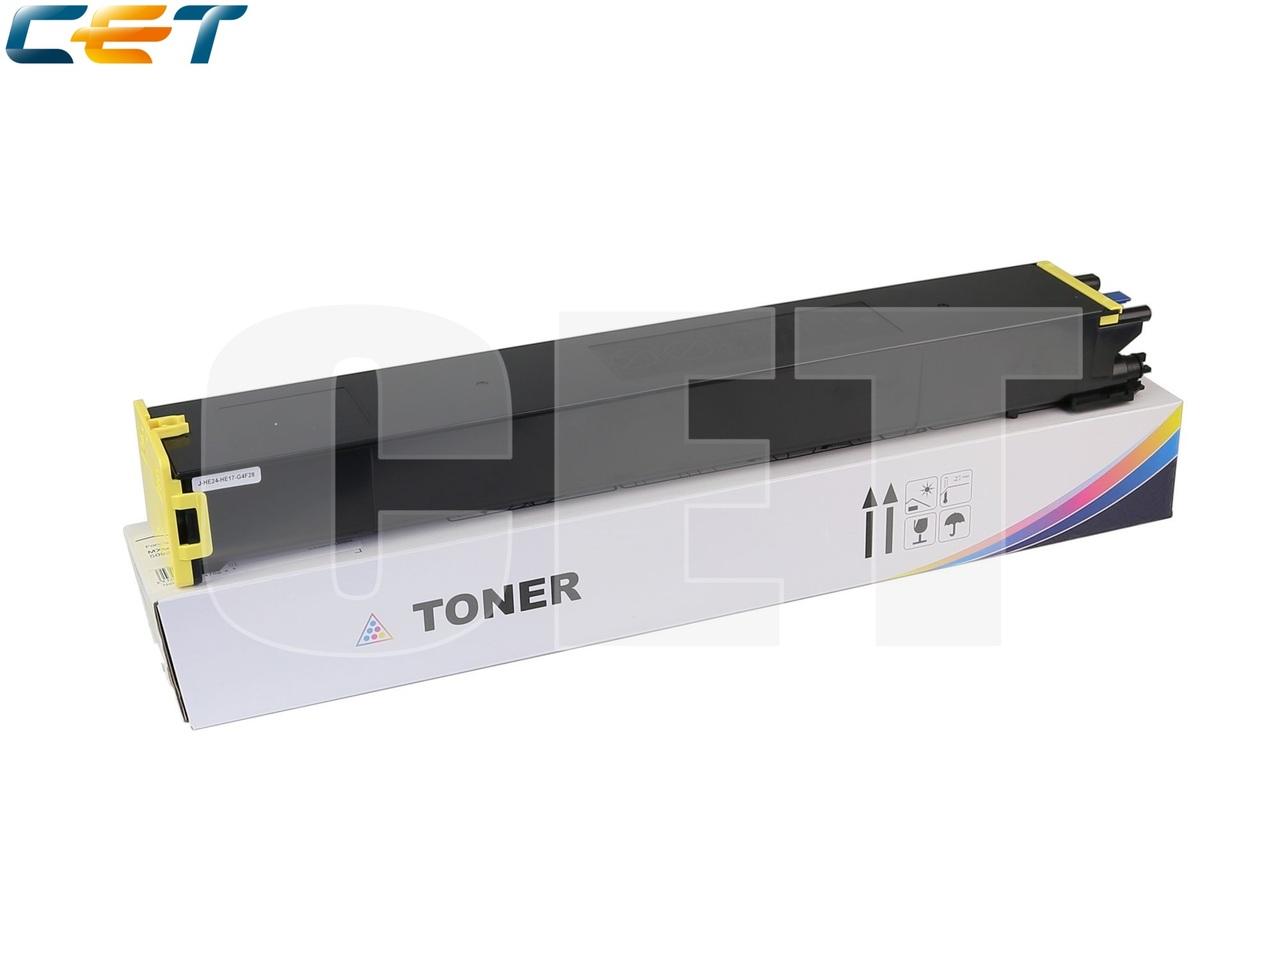 Тонер-картридж (TF9) MX-60GTYA для SHARPMX-3050N/4050N/4070N/5070N (CET) Yellow, 476г, 24000 стр.,CET141245